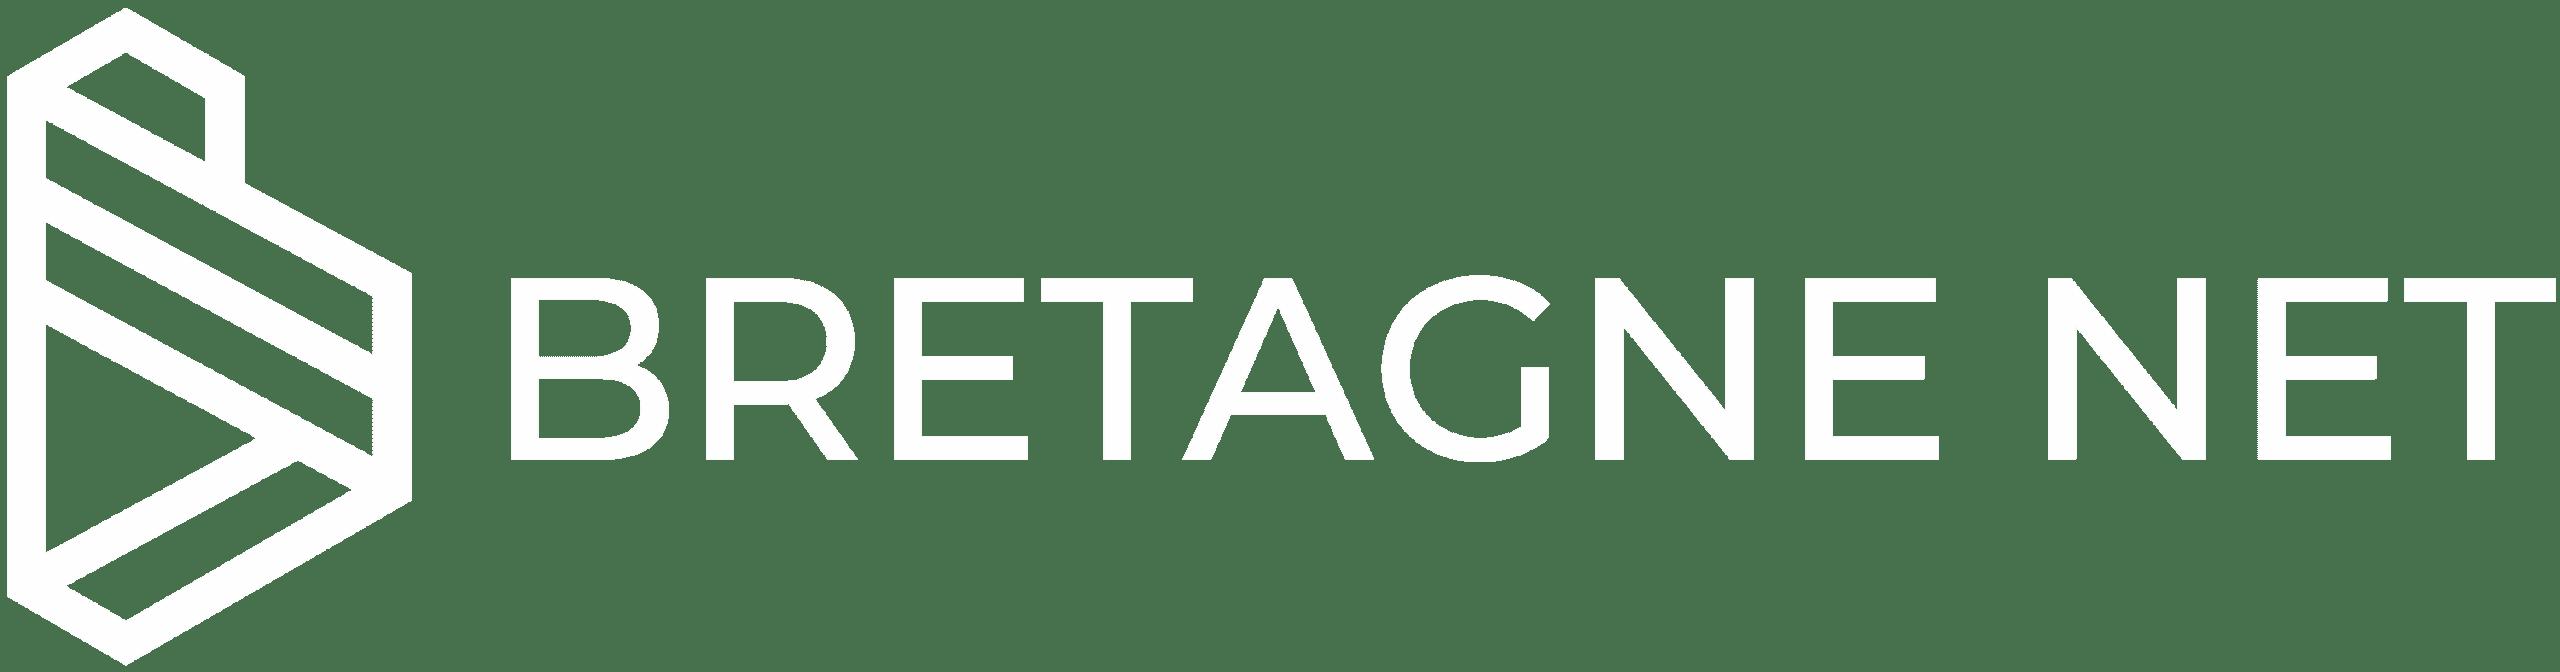 Bretagne-net.com